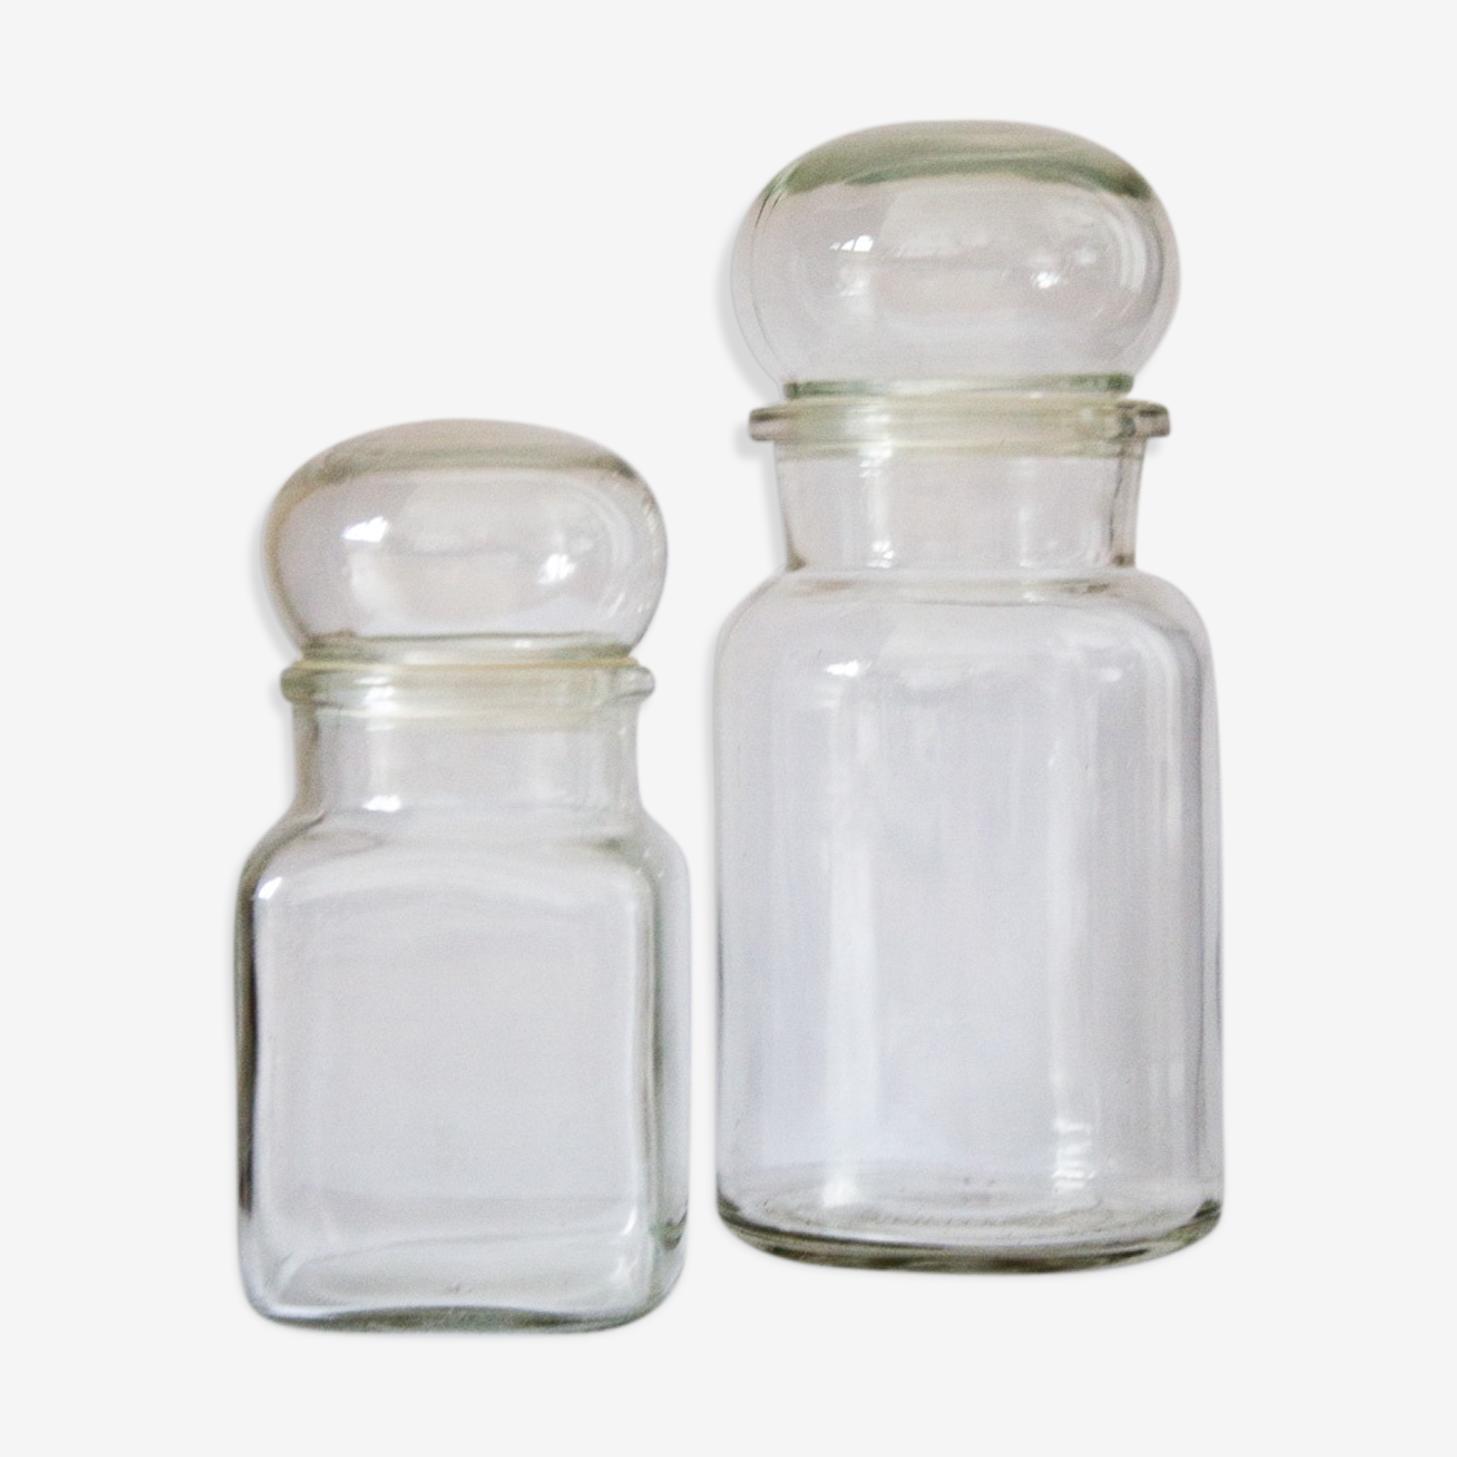 Lot de 2 bocaux transparents